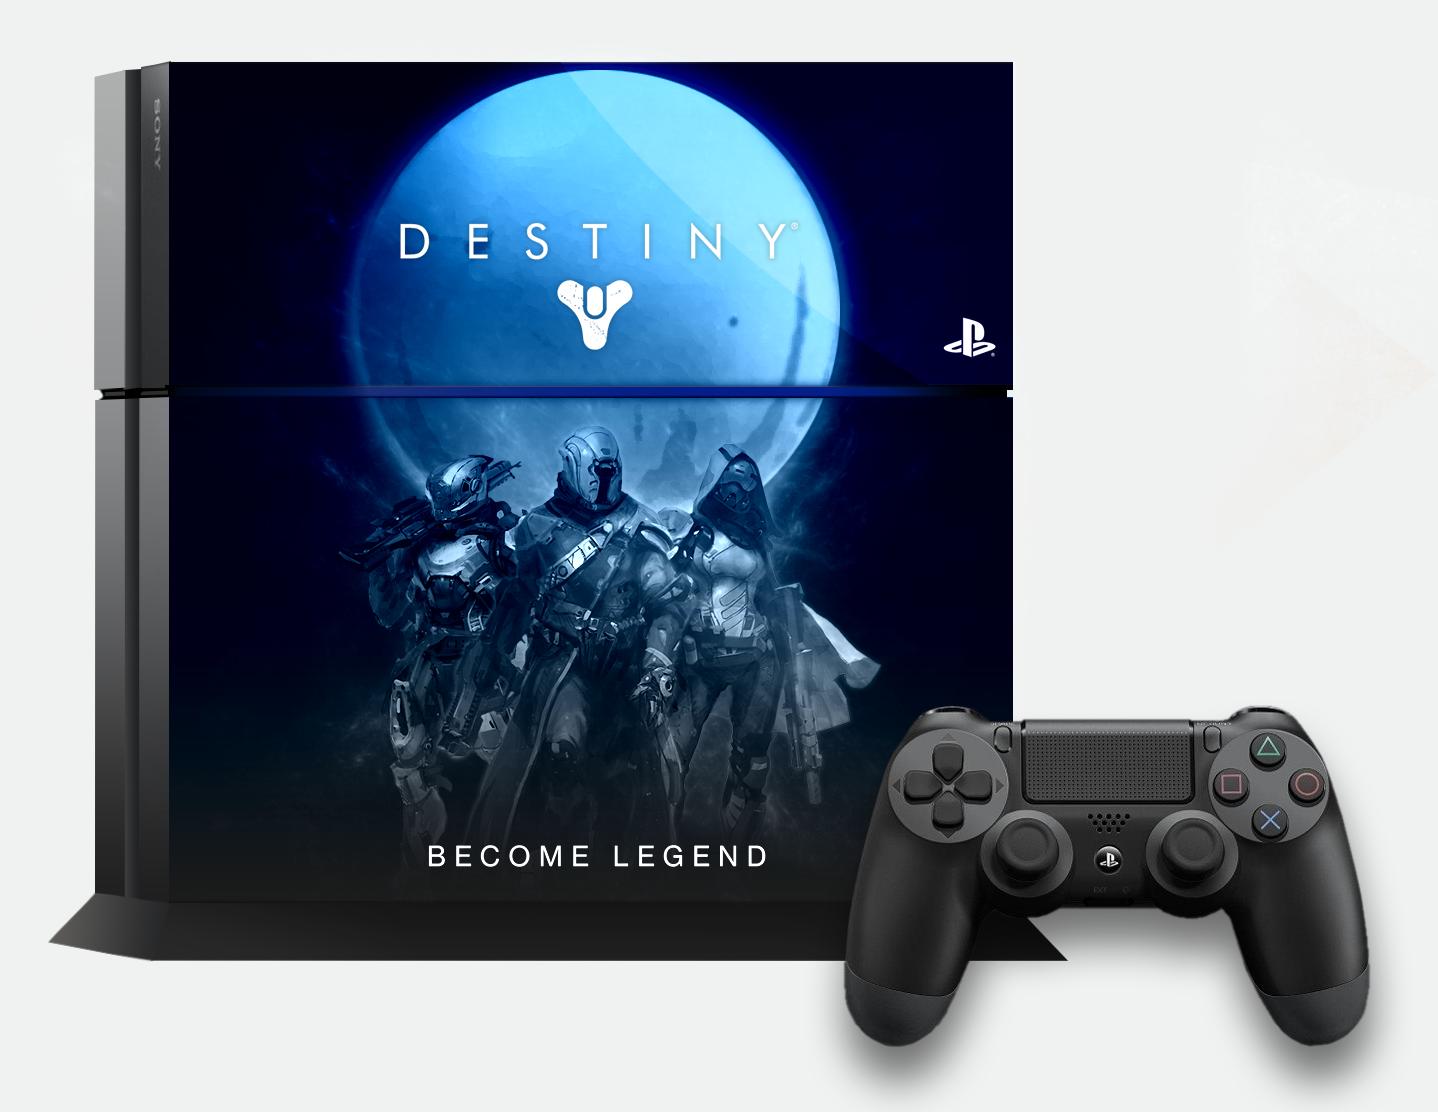 Геймплейные скрины Destiny Alpha PS4. - Изображение 1